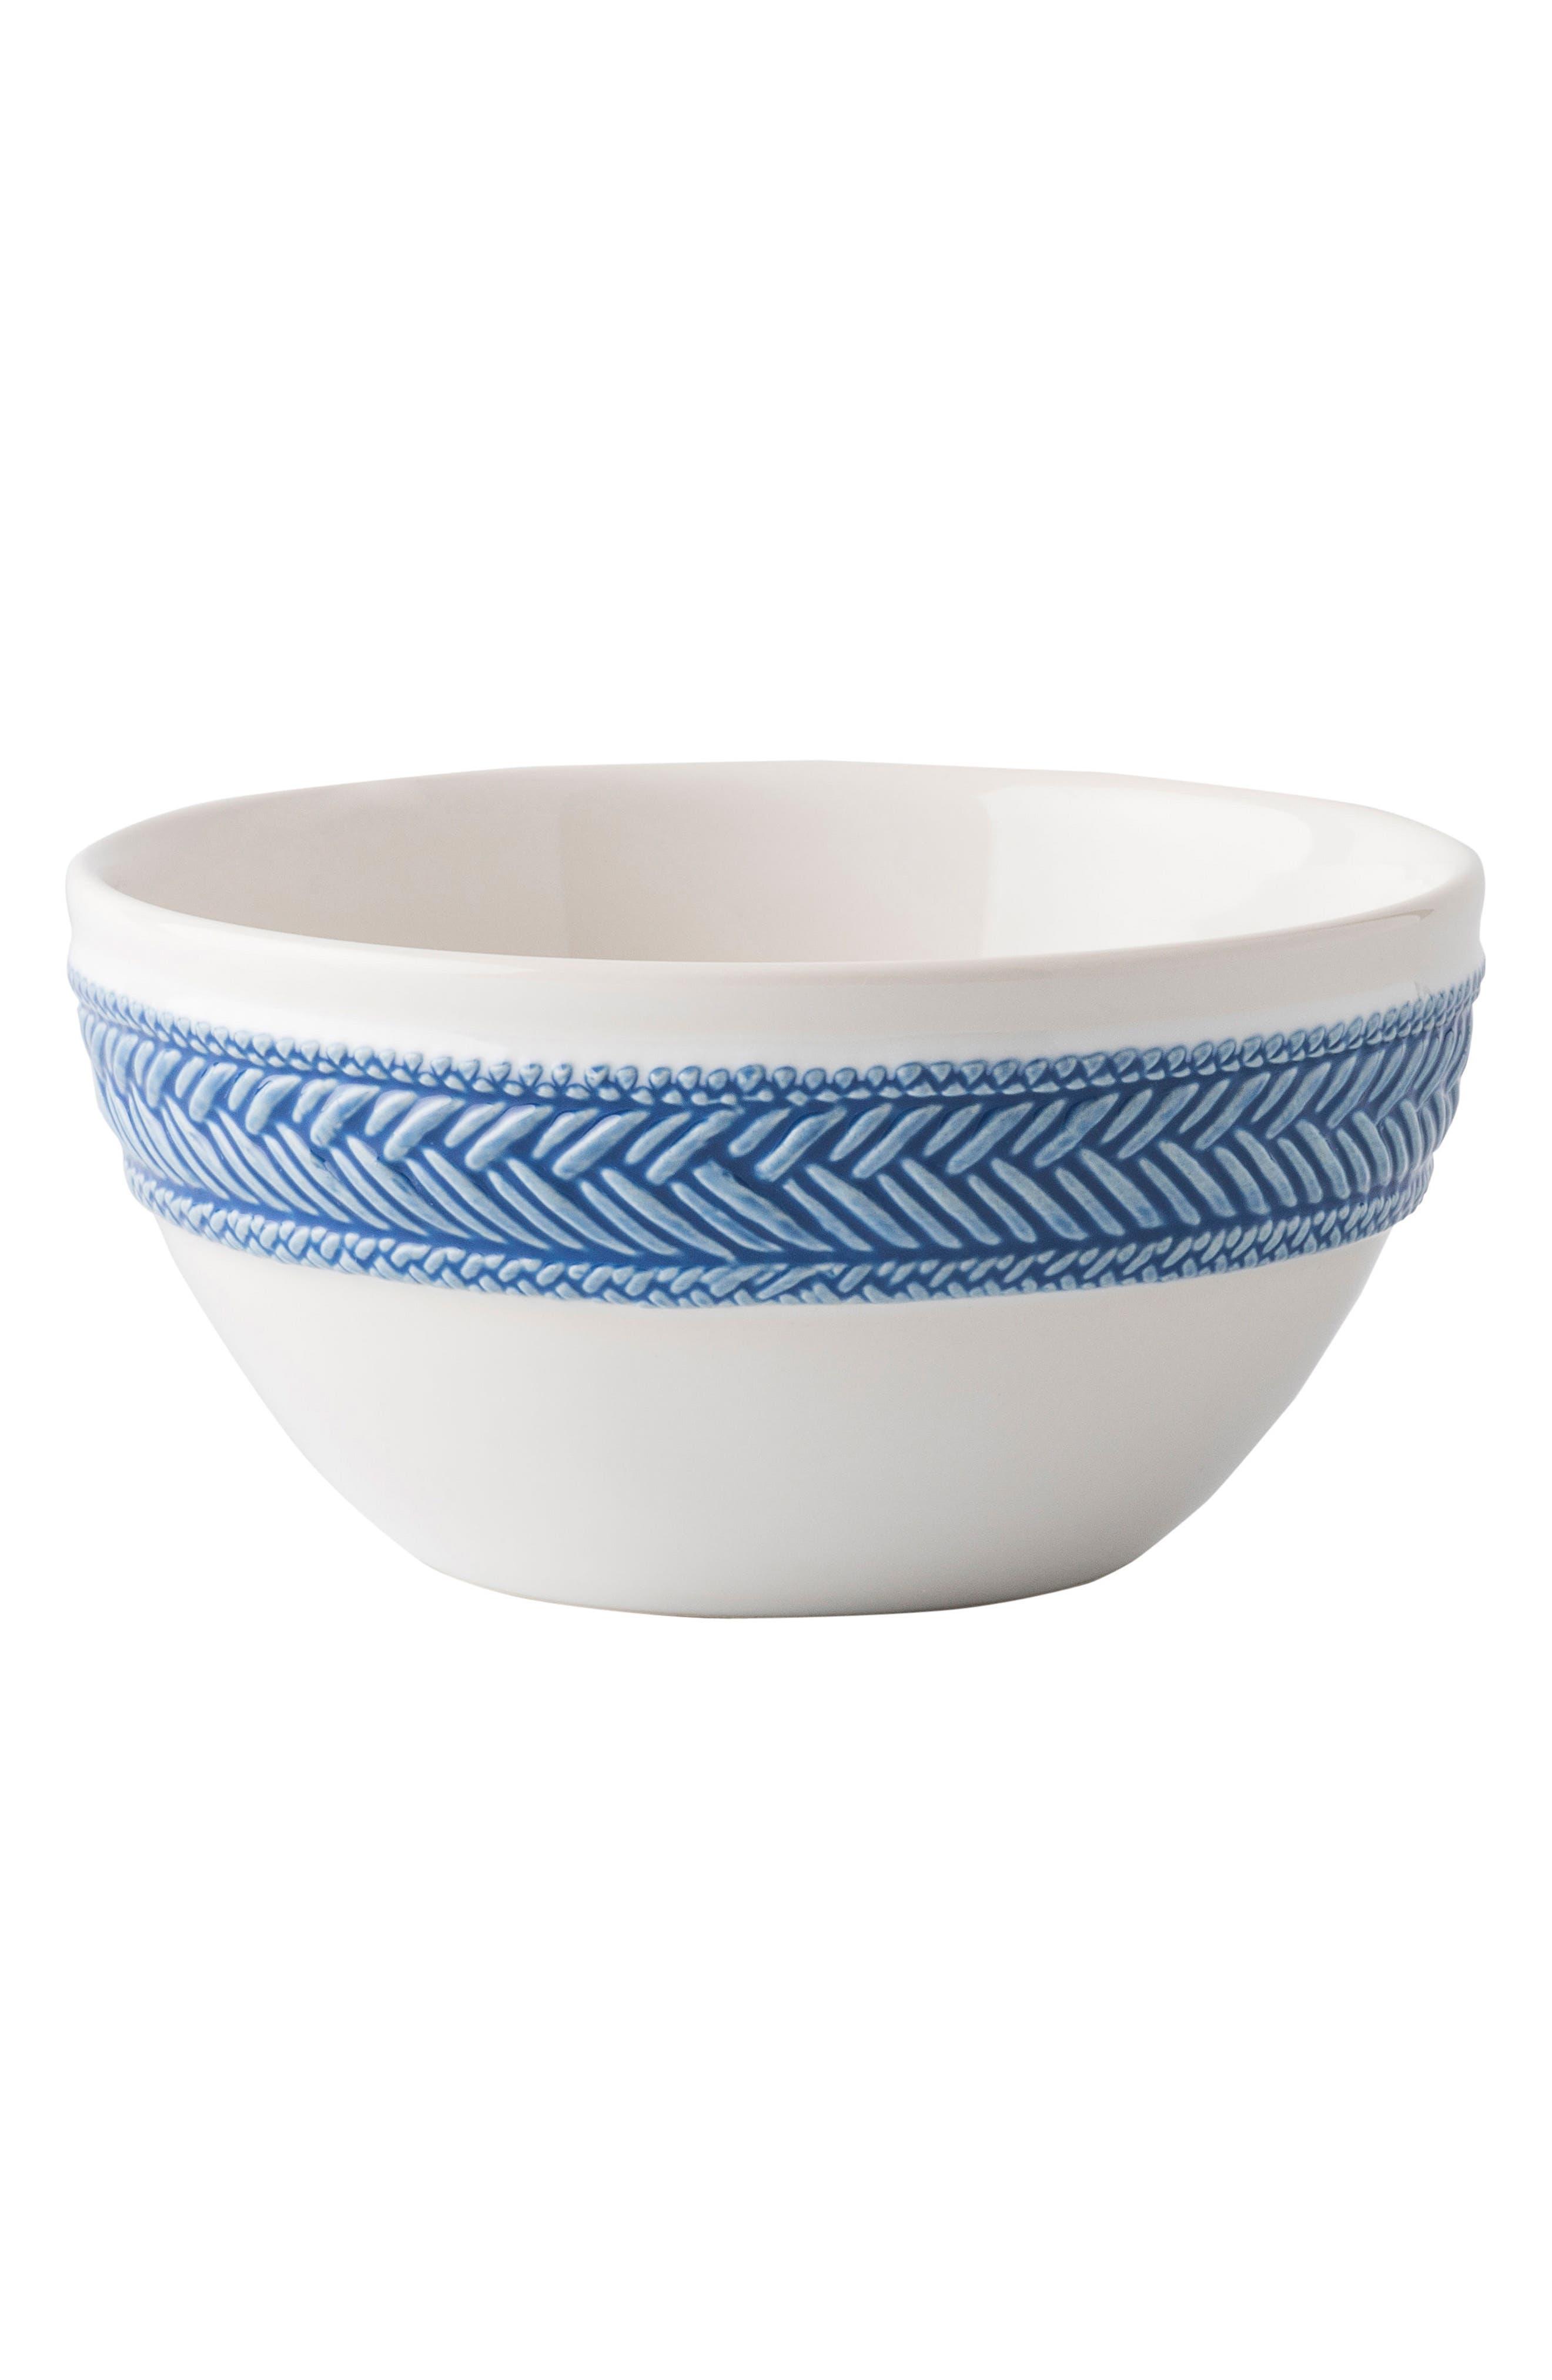 Le Panier Cereal Bowl,                         Main,                         color, Whitewash/ Delft Blue